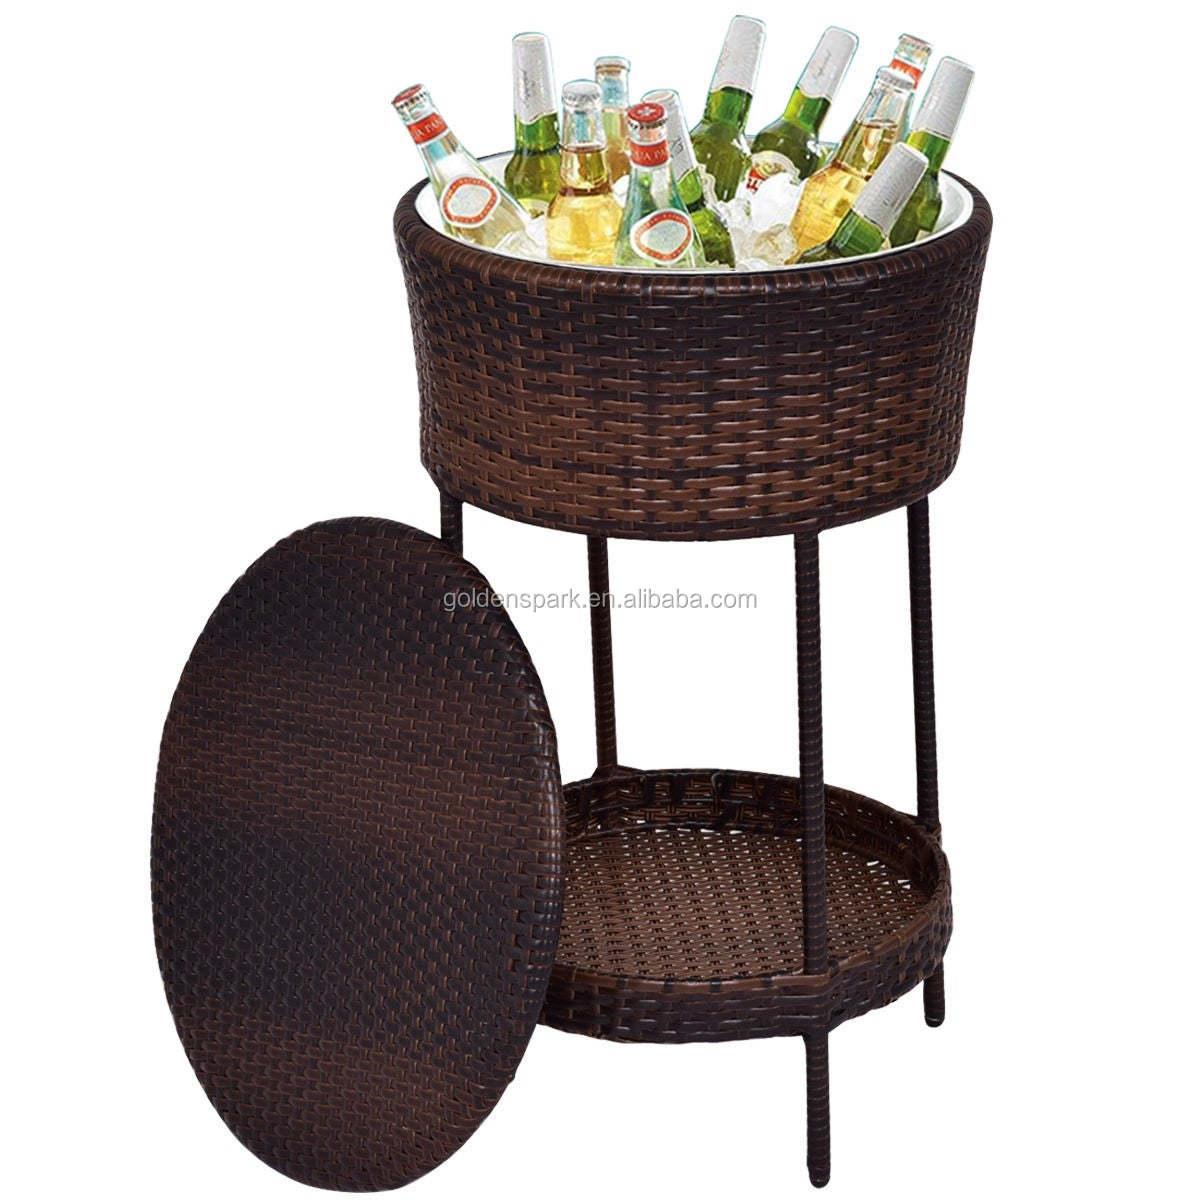 patio cooler ice bucket brown outdoor wicker storage poolside beverage cart deck buy ice bucket outdoor wicker table cool ice bar table product on